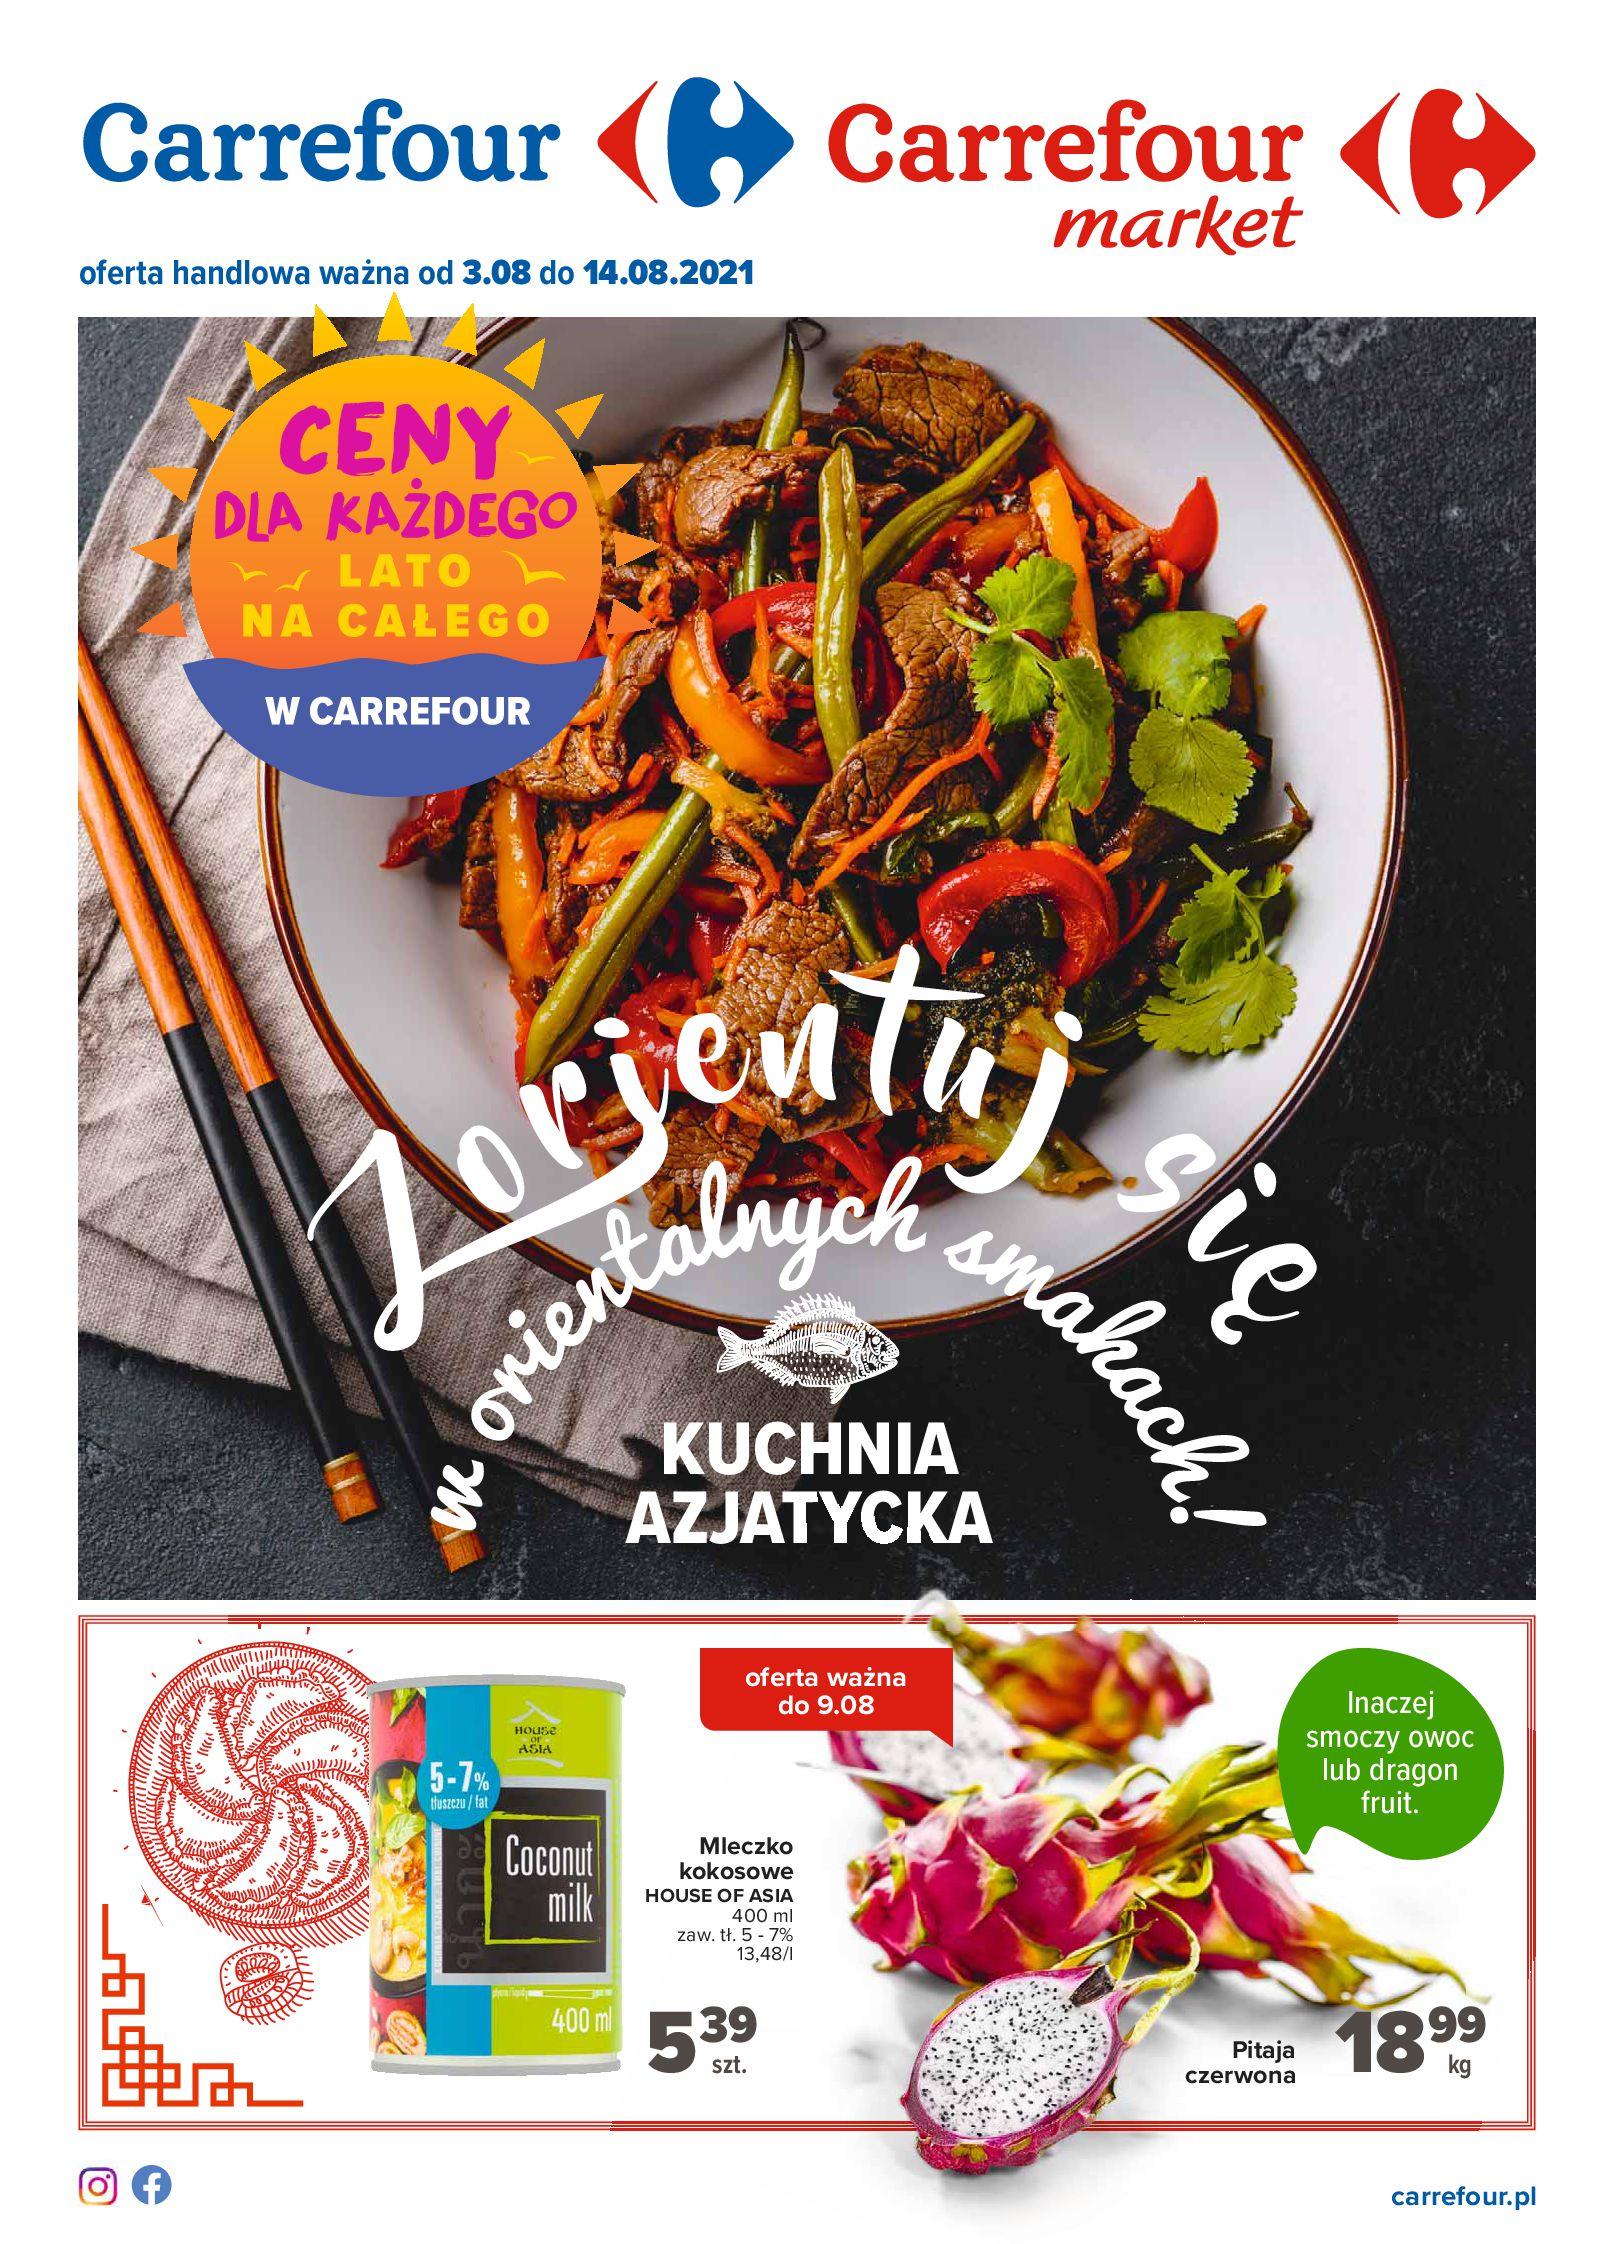 Carrefour:  Gazetka Carrefour - Kuchnia azjatycka 02.08.2021